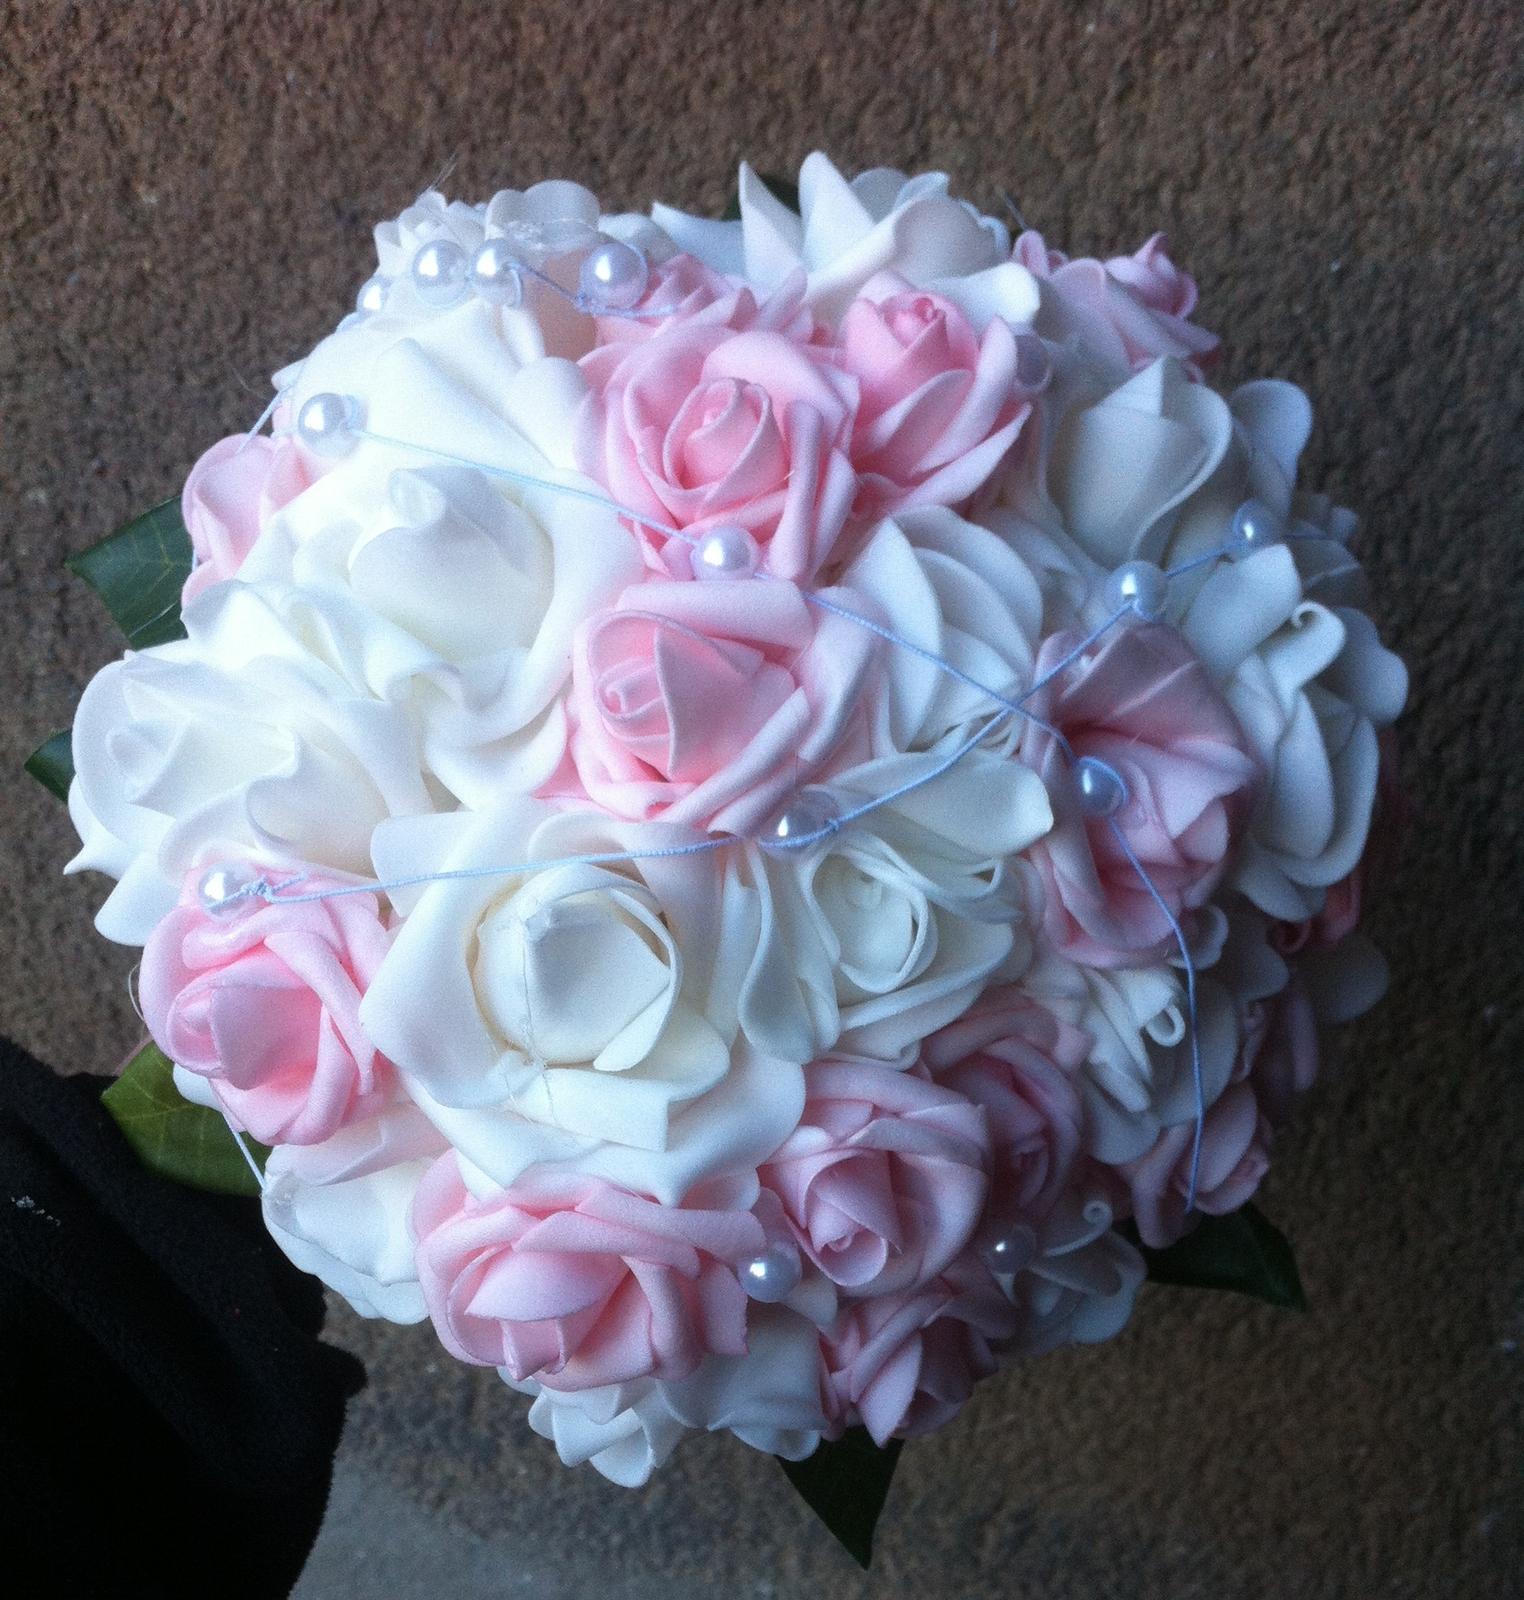 Netradiční svatební kytice - pěnové růžičky + polštářky pod prstýnky, košíčky - Obrázek č. 99